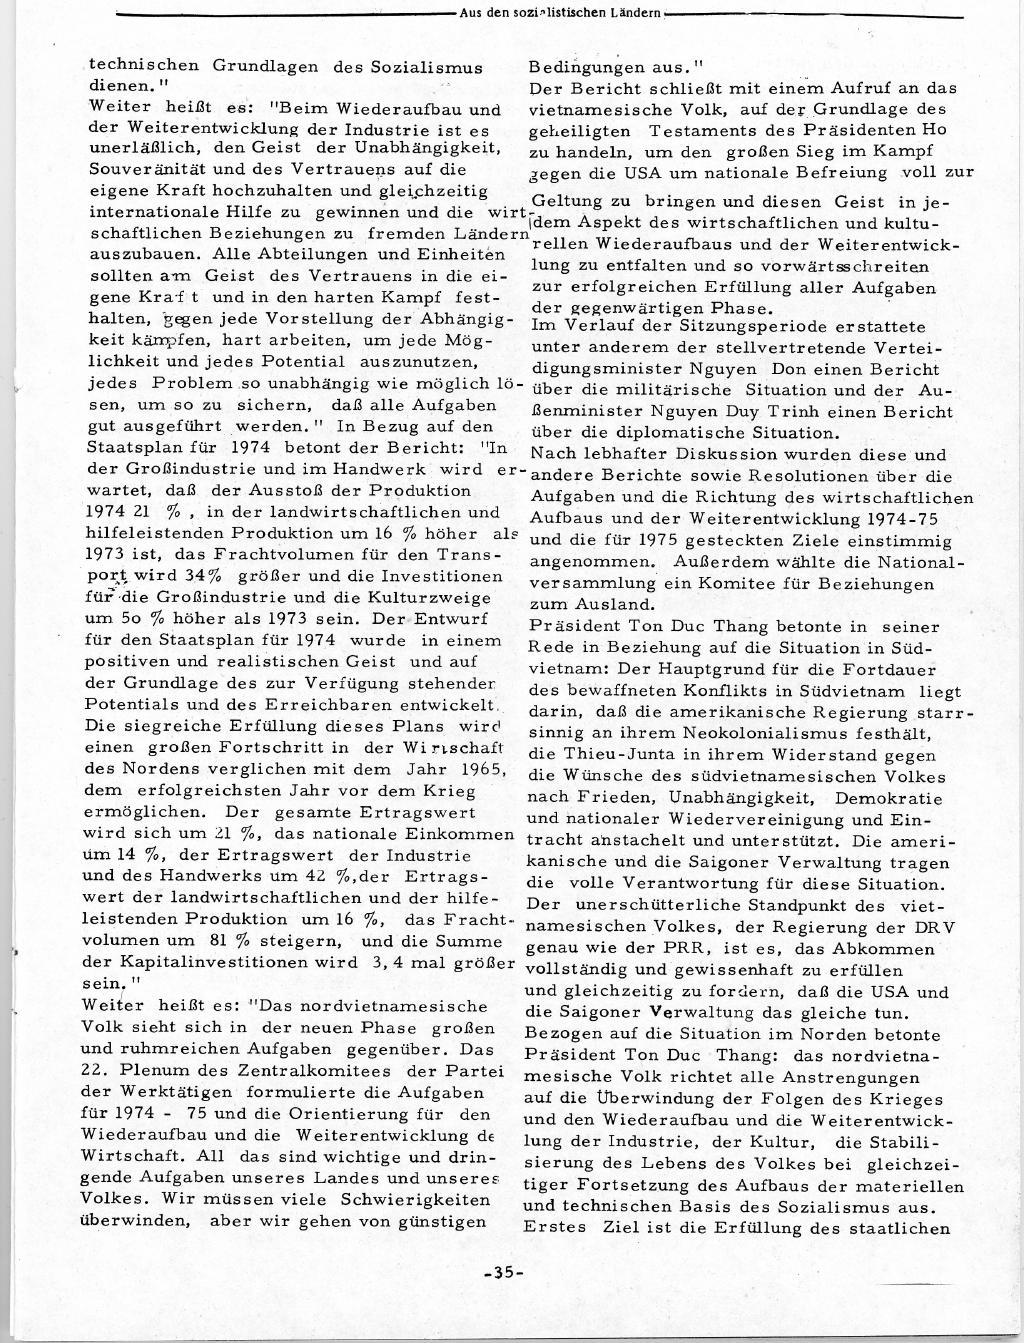 RPK_1974_07_08_35